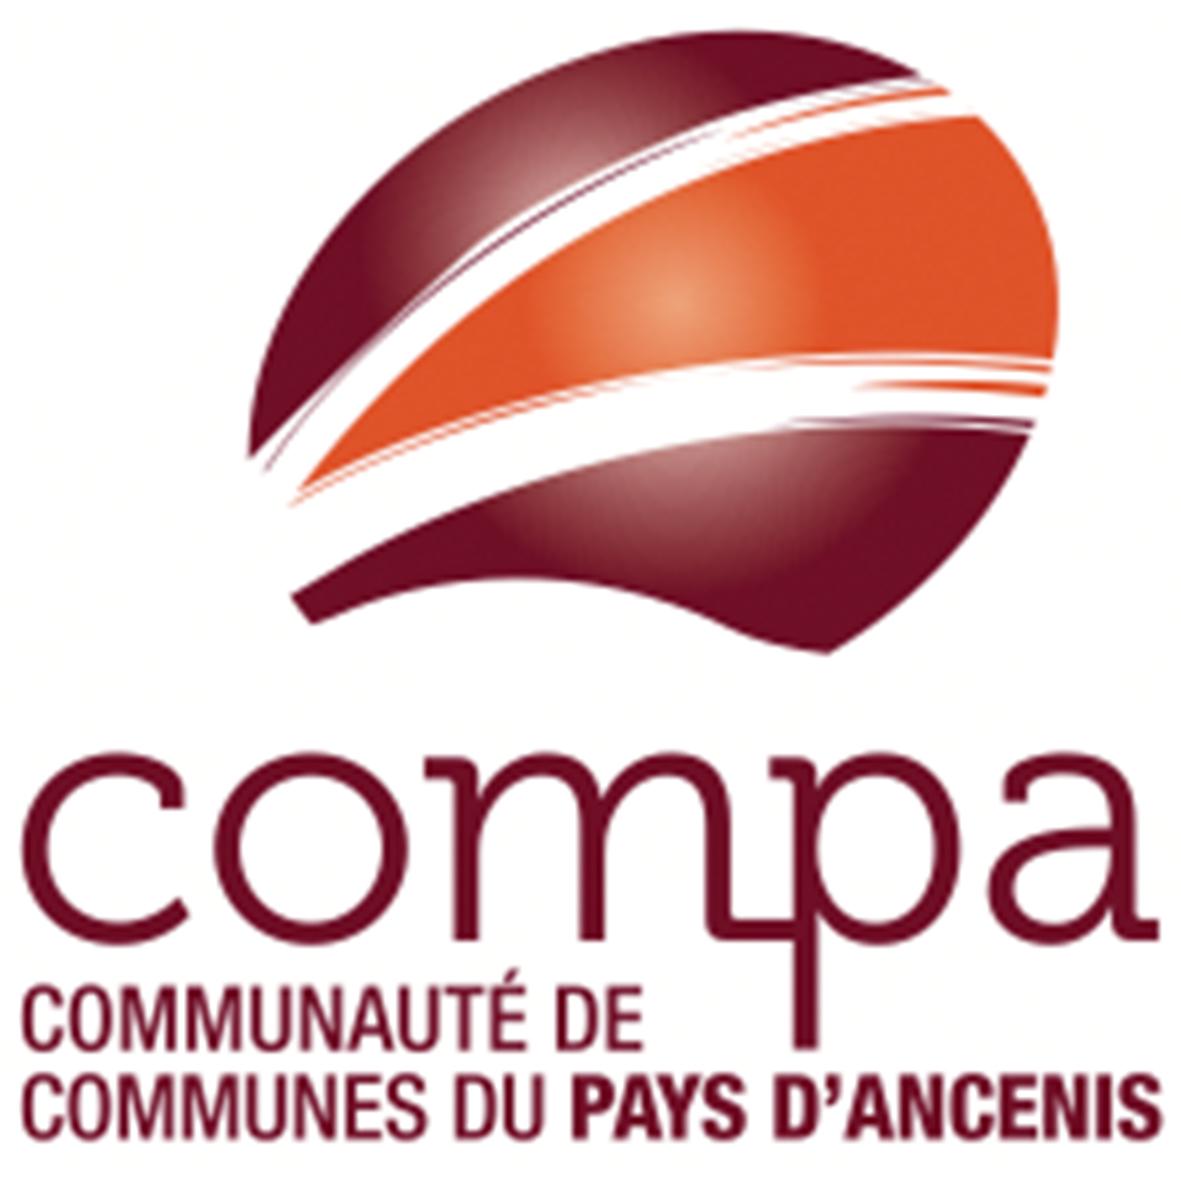 Communauté de communes du Pays d'Ancenis